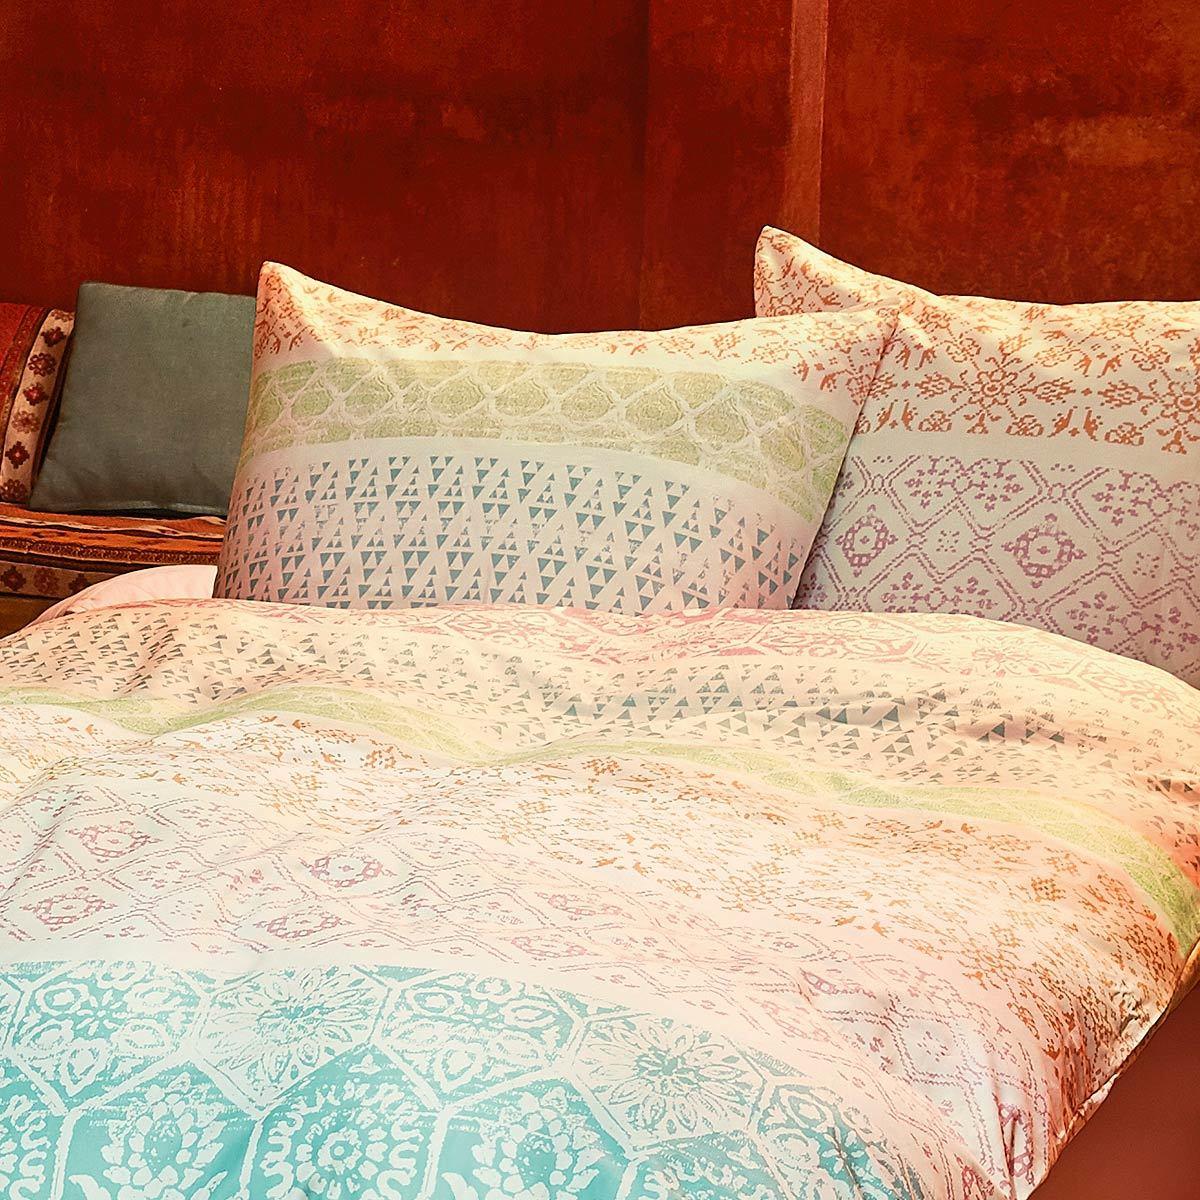 Ibena Satin Bettwäsche Bogor Günstig Online Kaufen Bei Bettwaren Shop